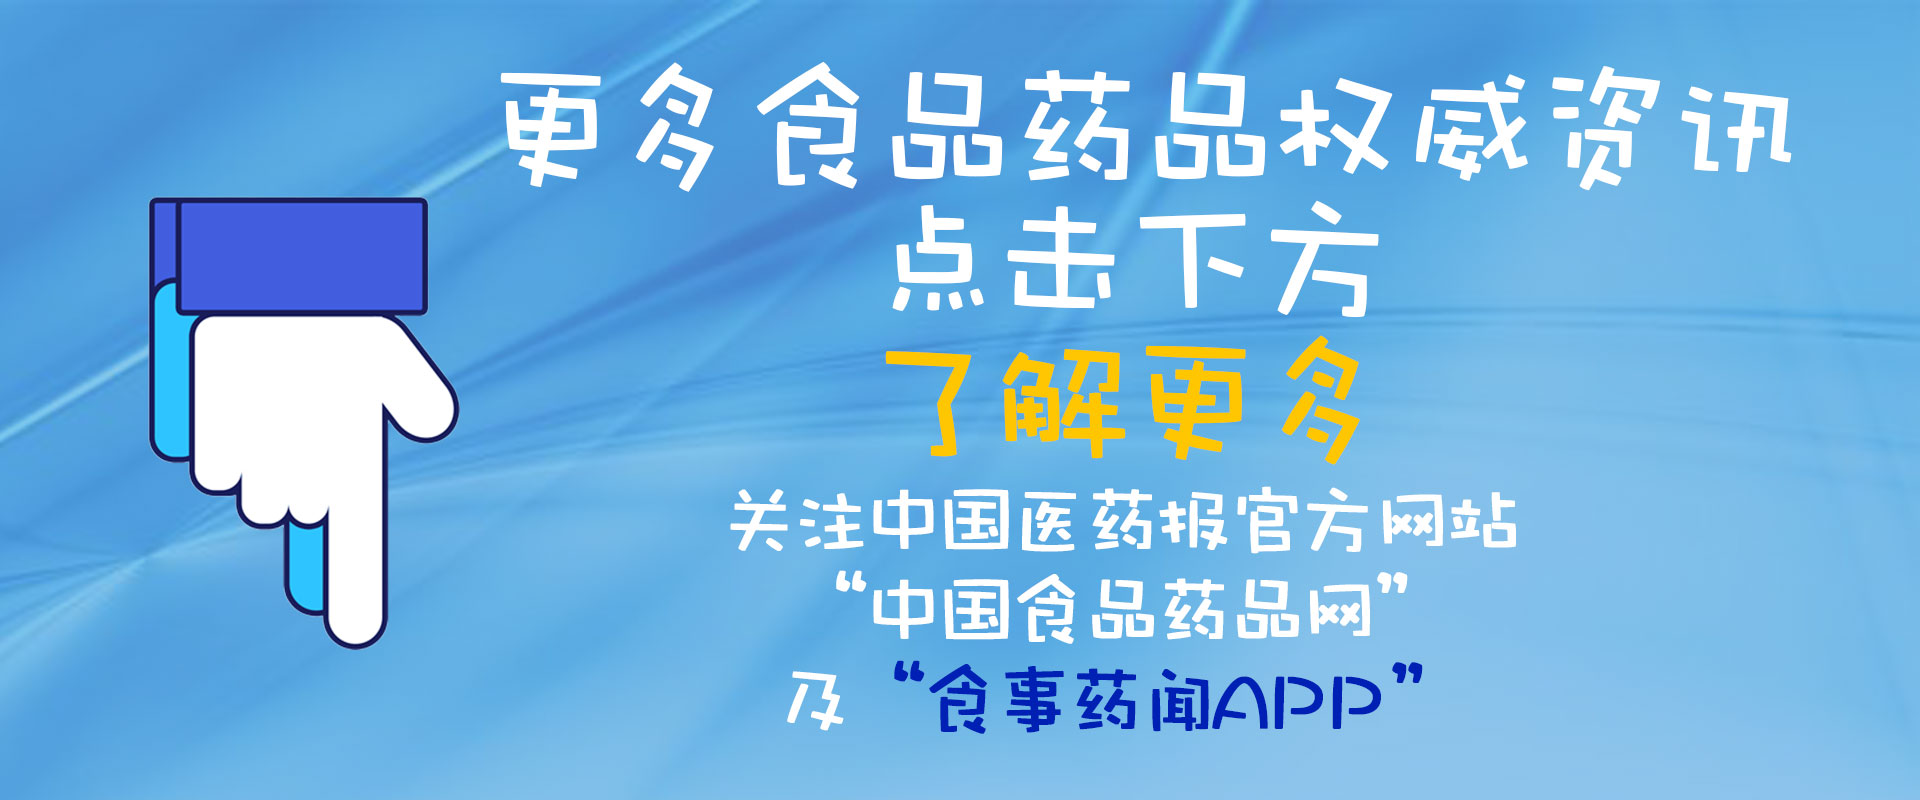 天津市药监局开展医疗美容相关两品一械质量安全监管专题调研